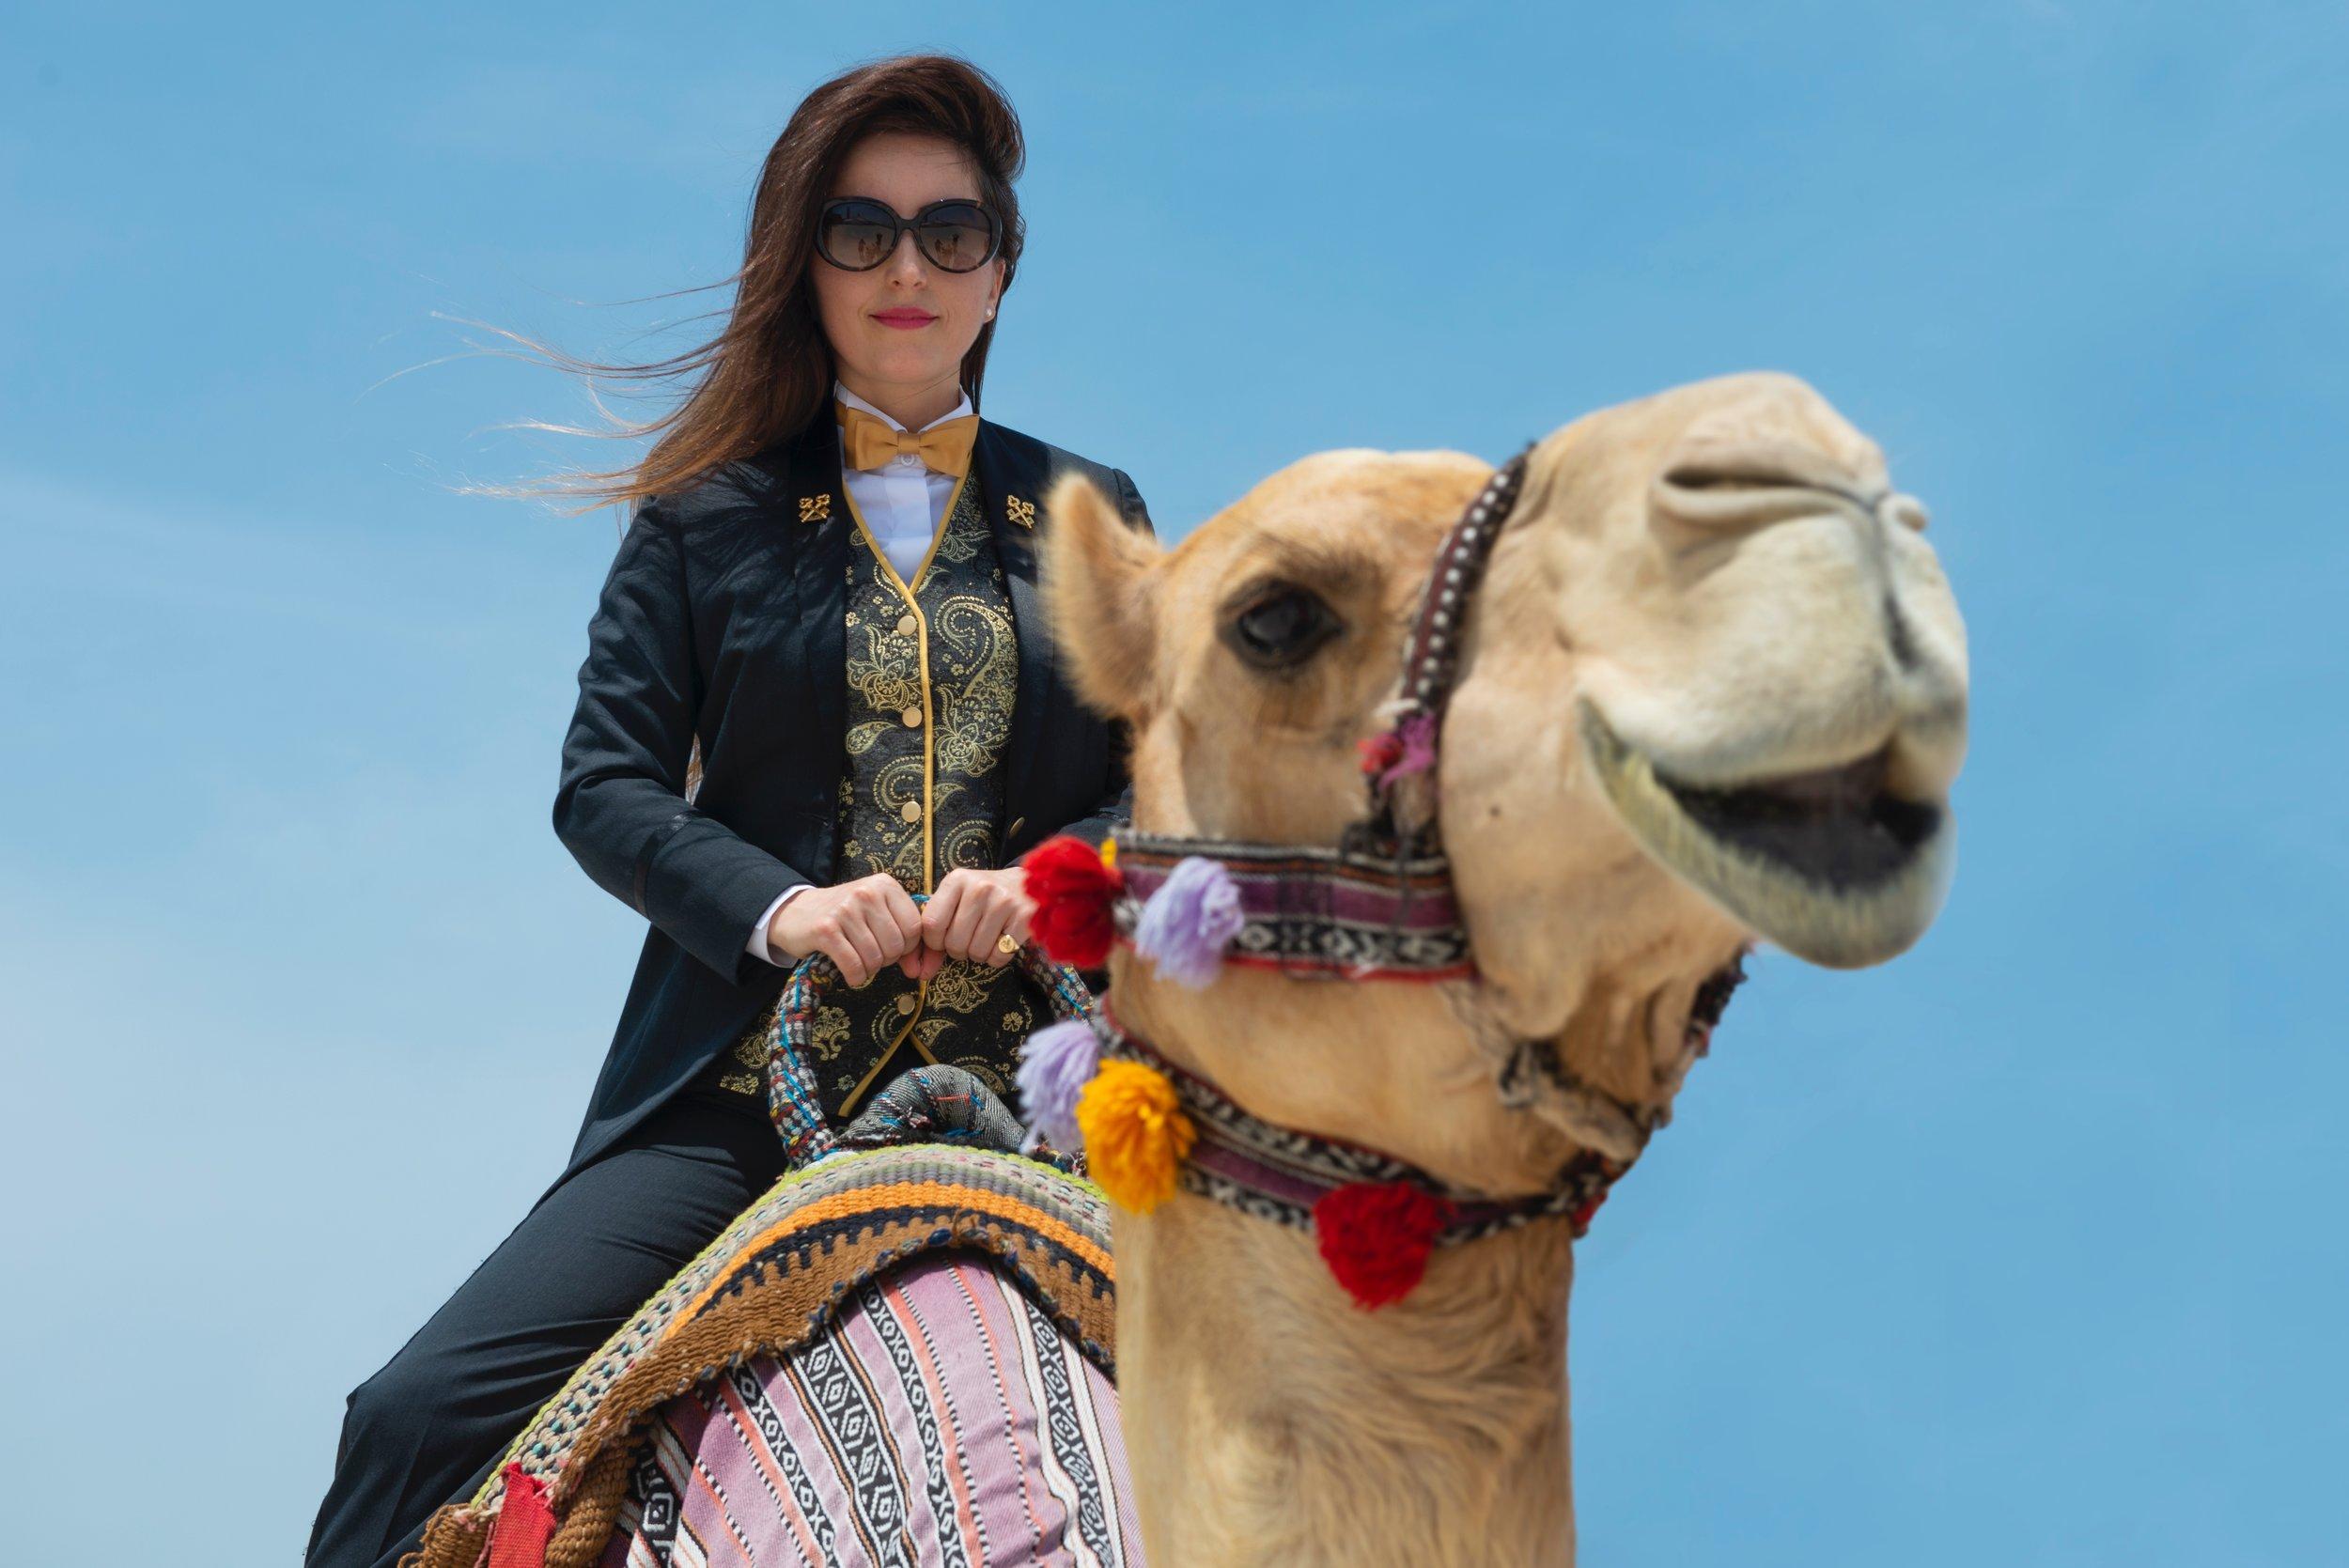 EMIRATES PALACE • ABU DHABI, UAE PHOTOGRAPHER: ISLAM SALAHELDIN YOUSIF